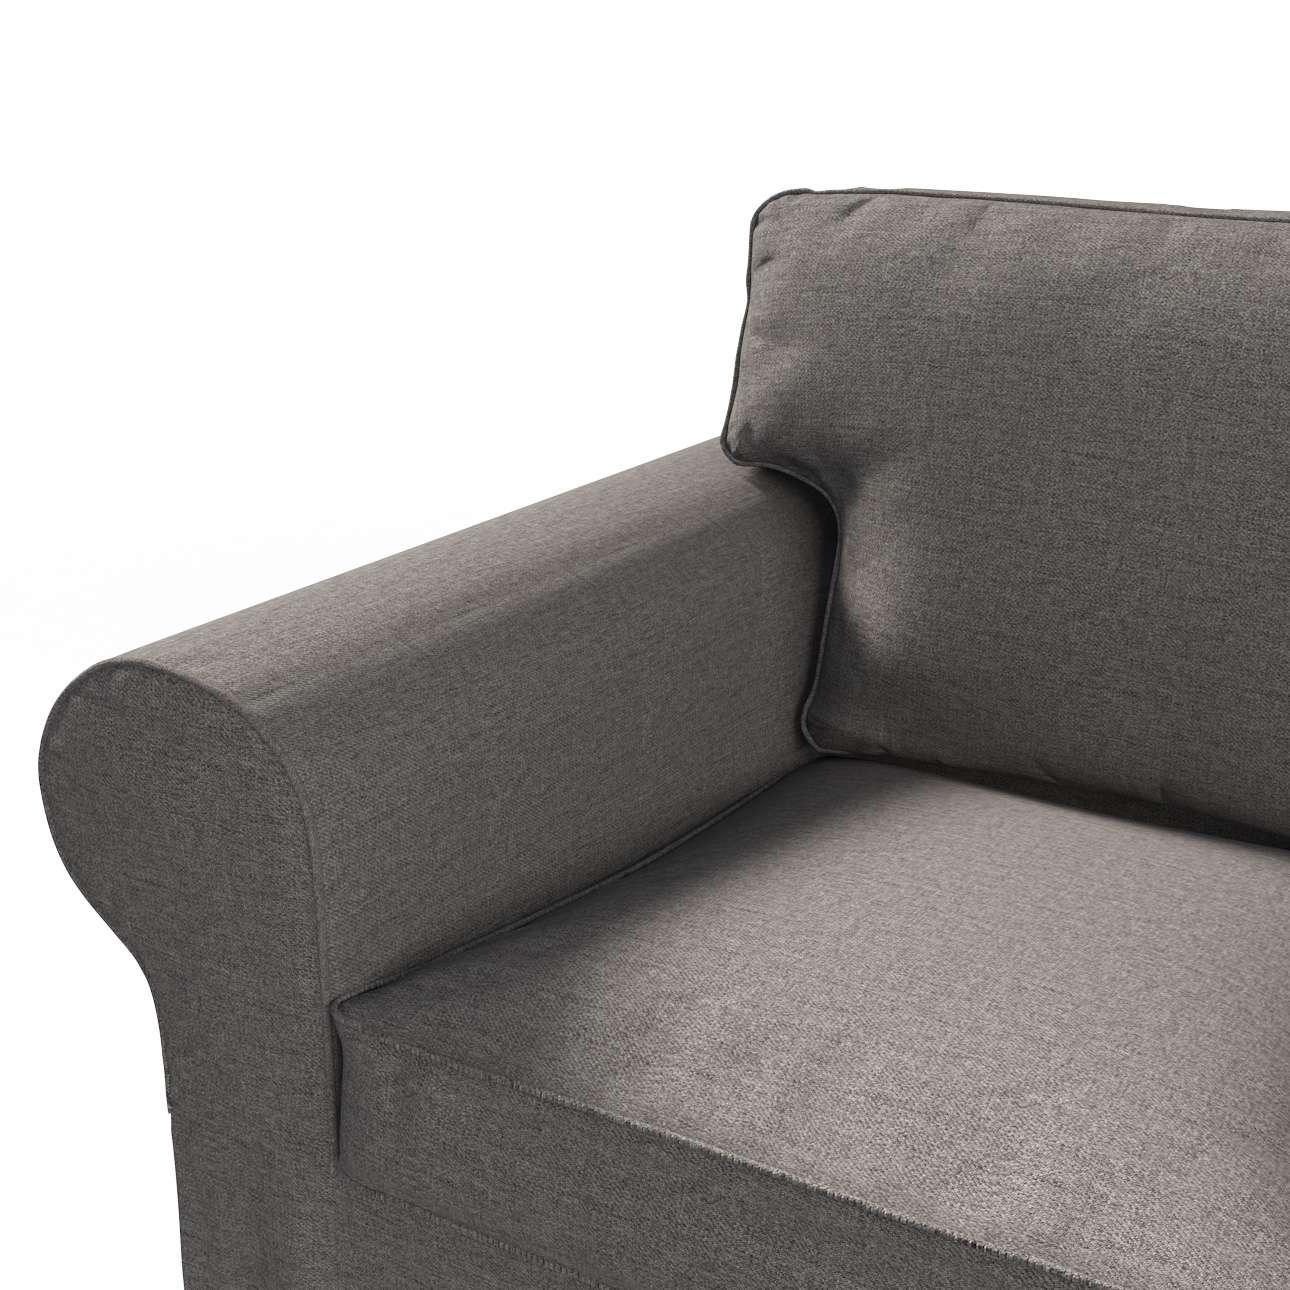 Poťah na sedačku Ektorp (rozkladacia, pre 2 osoby) NOVÝ MODEL 2012 V kolekcii Edinburg, tkanina: 115-77